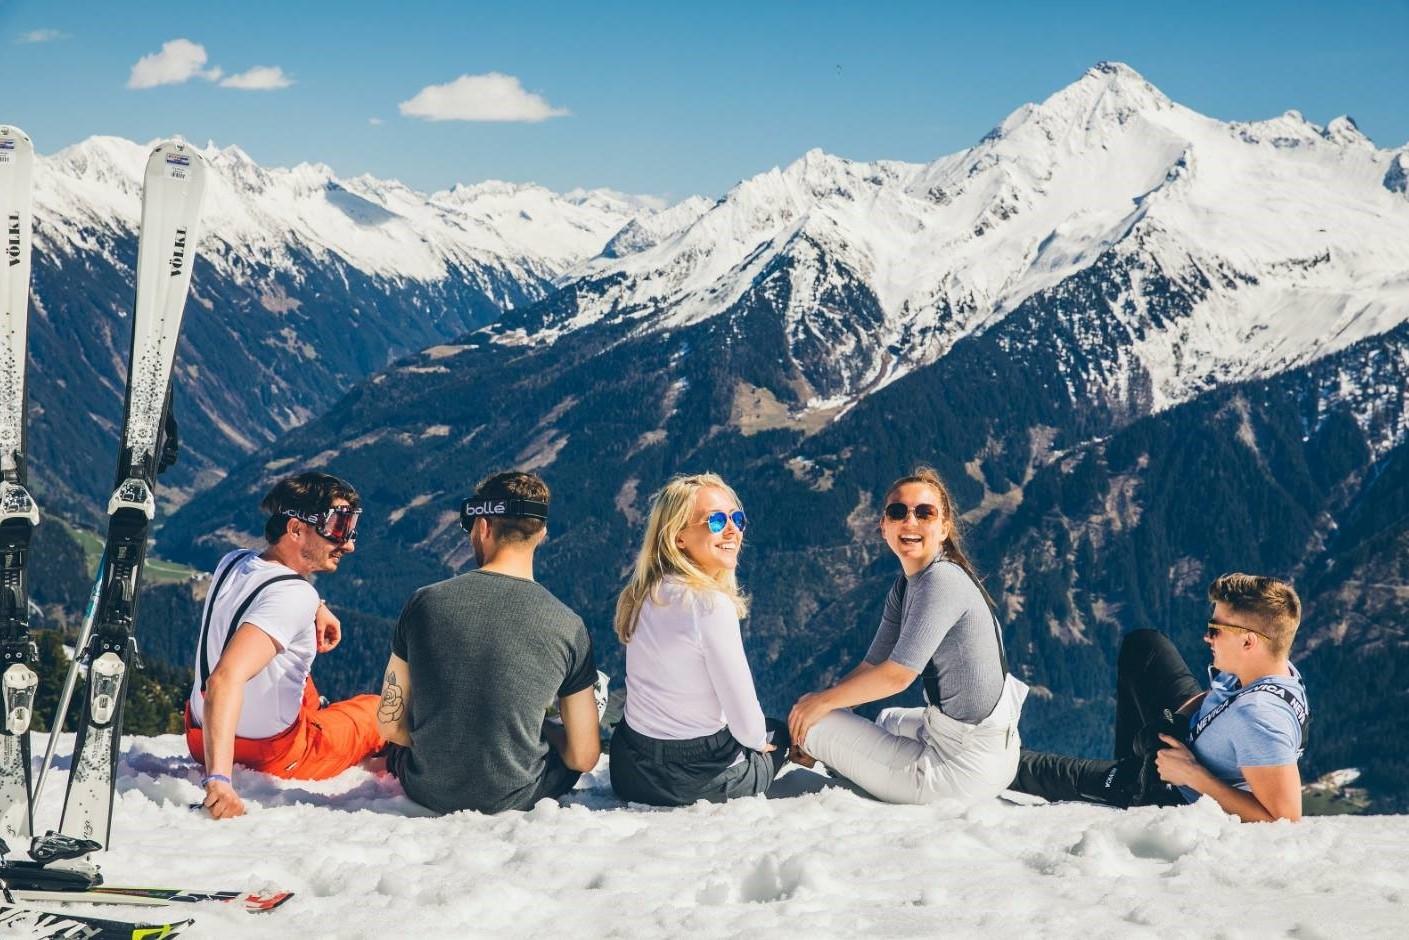 SKIEN EN SNOWBOARD# ten volle genieten van prachtige pistes met de collega's